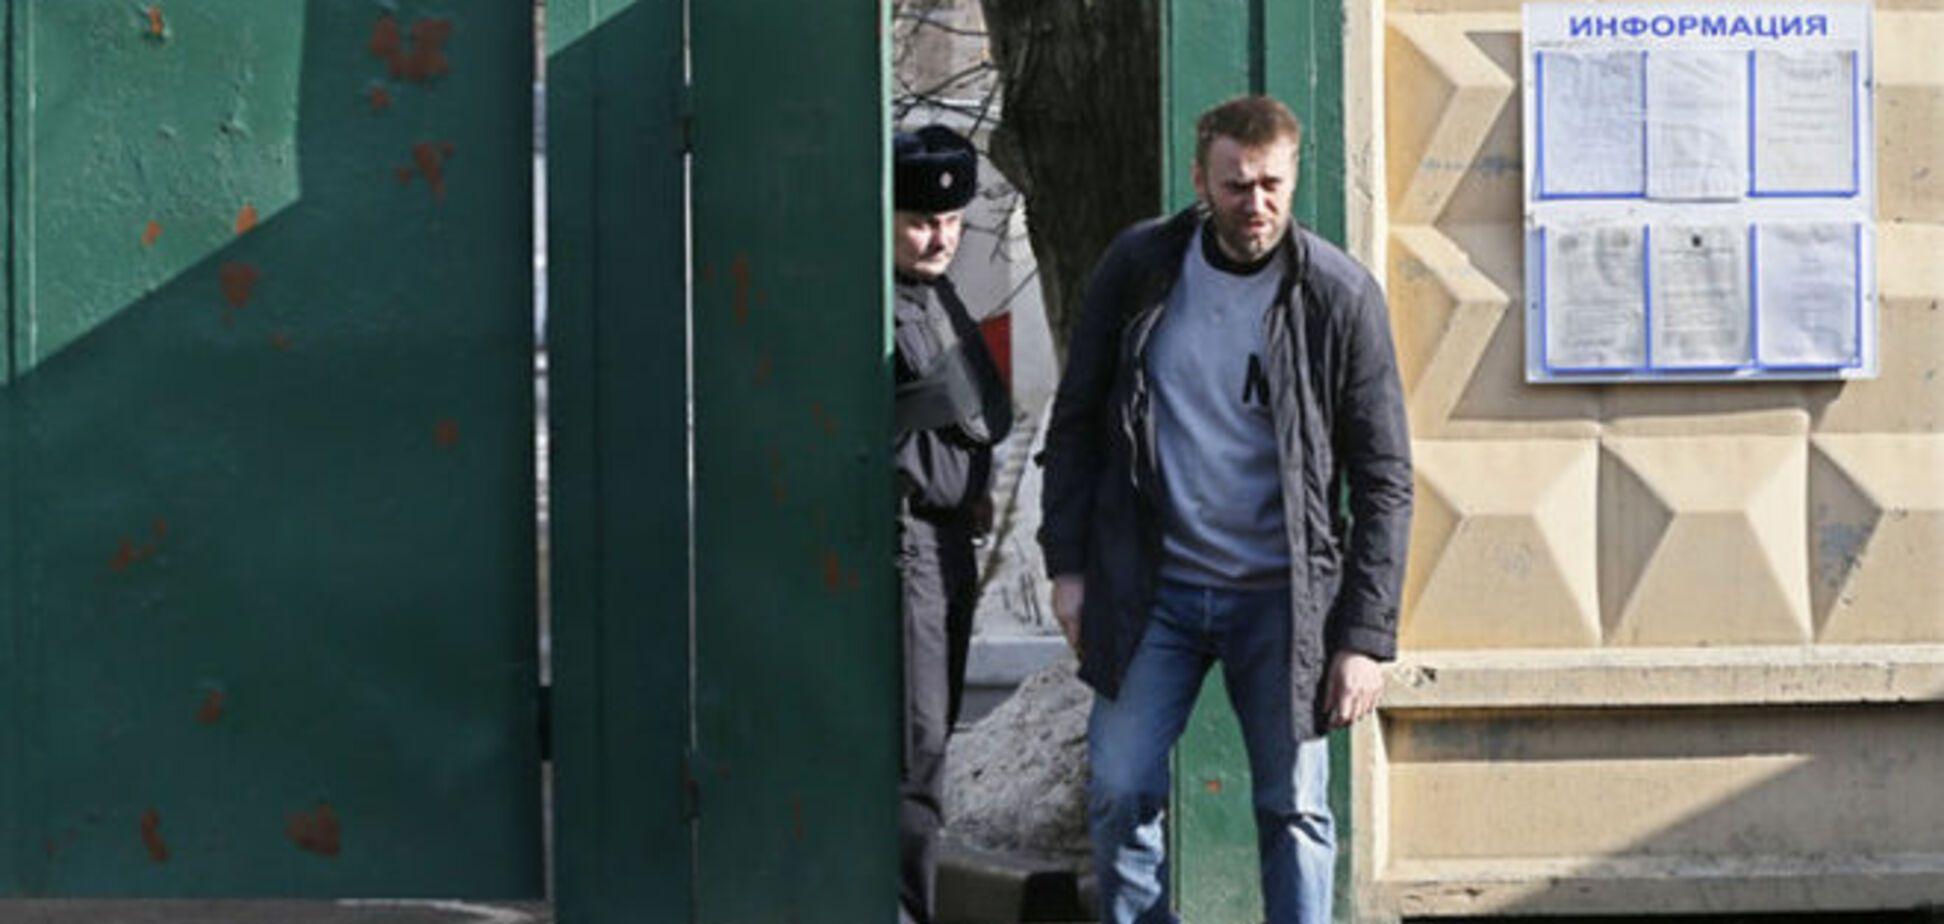 Одного из главных российских оппозиционеров выпустили на свободу в Москве